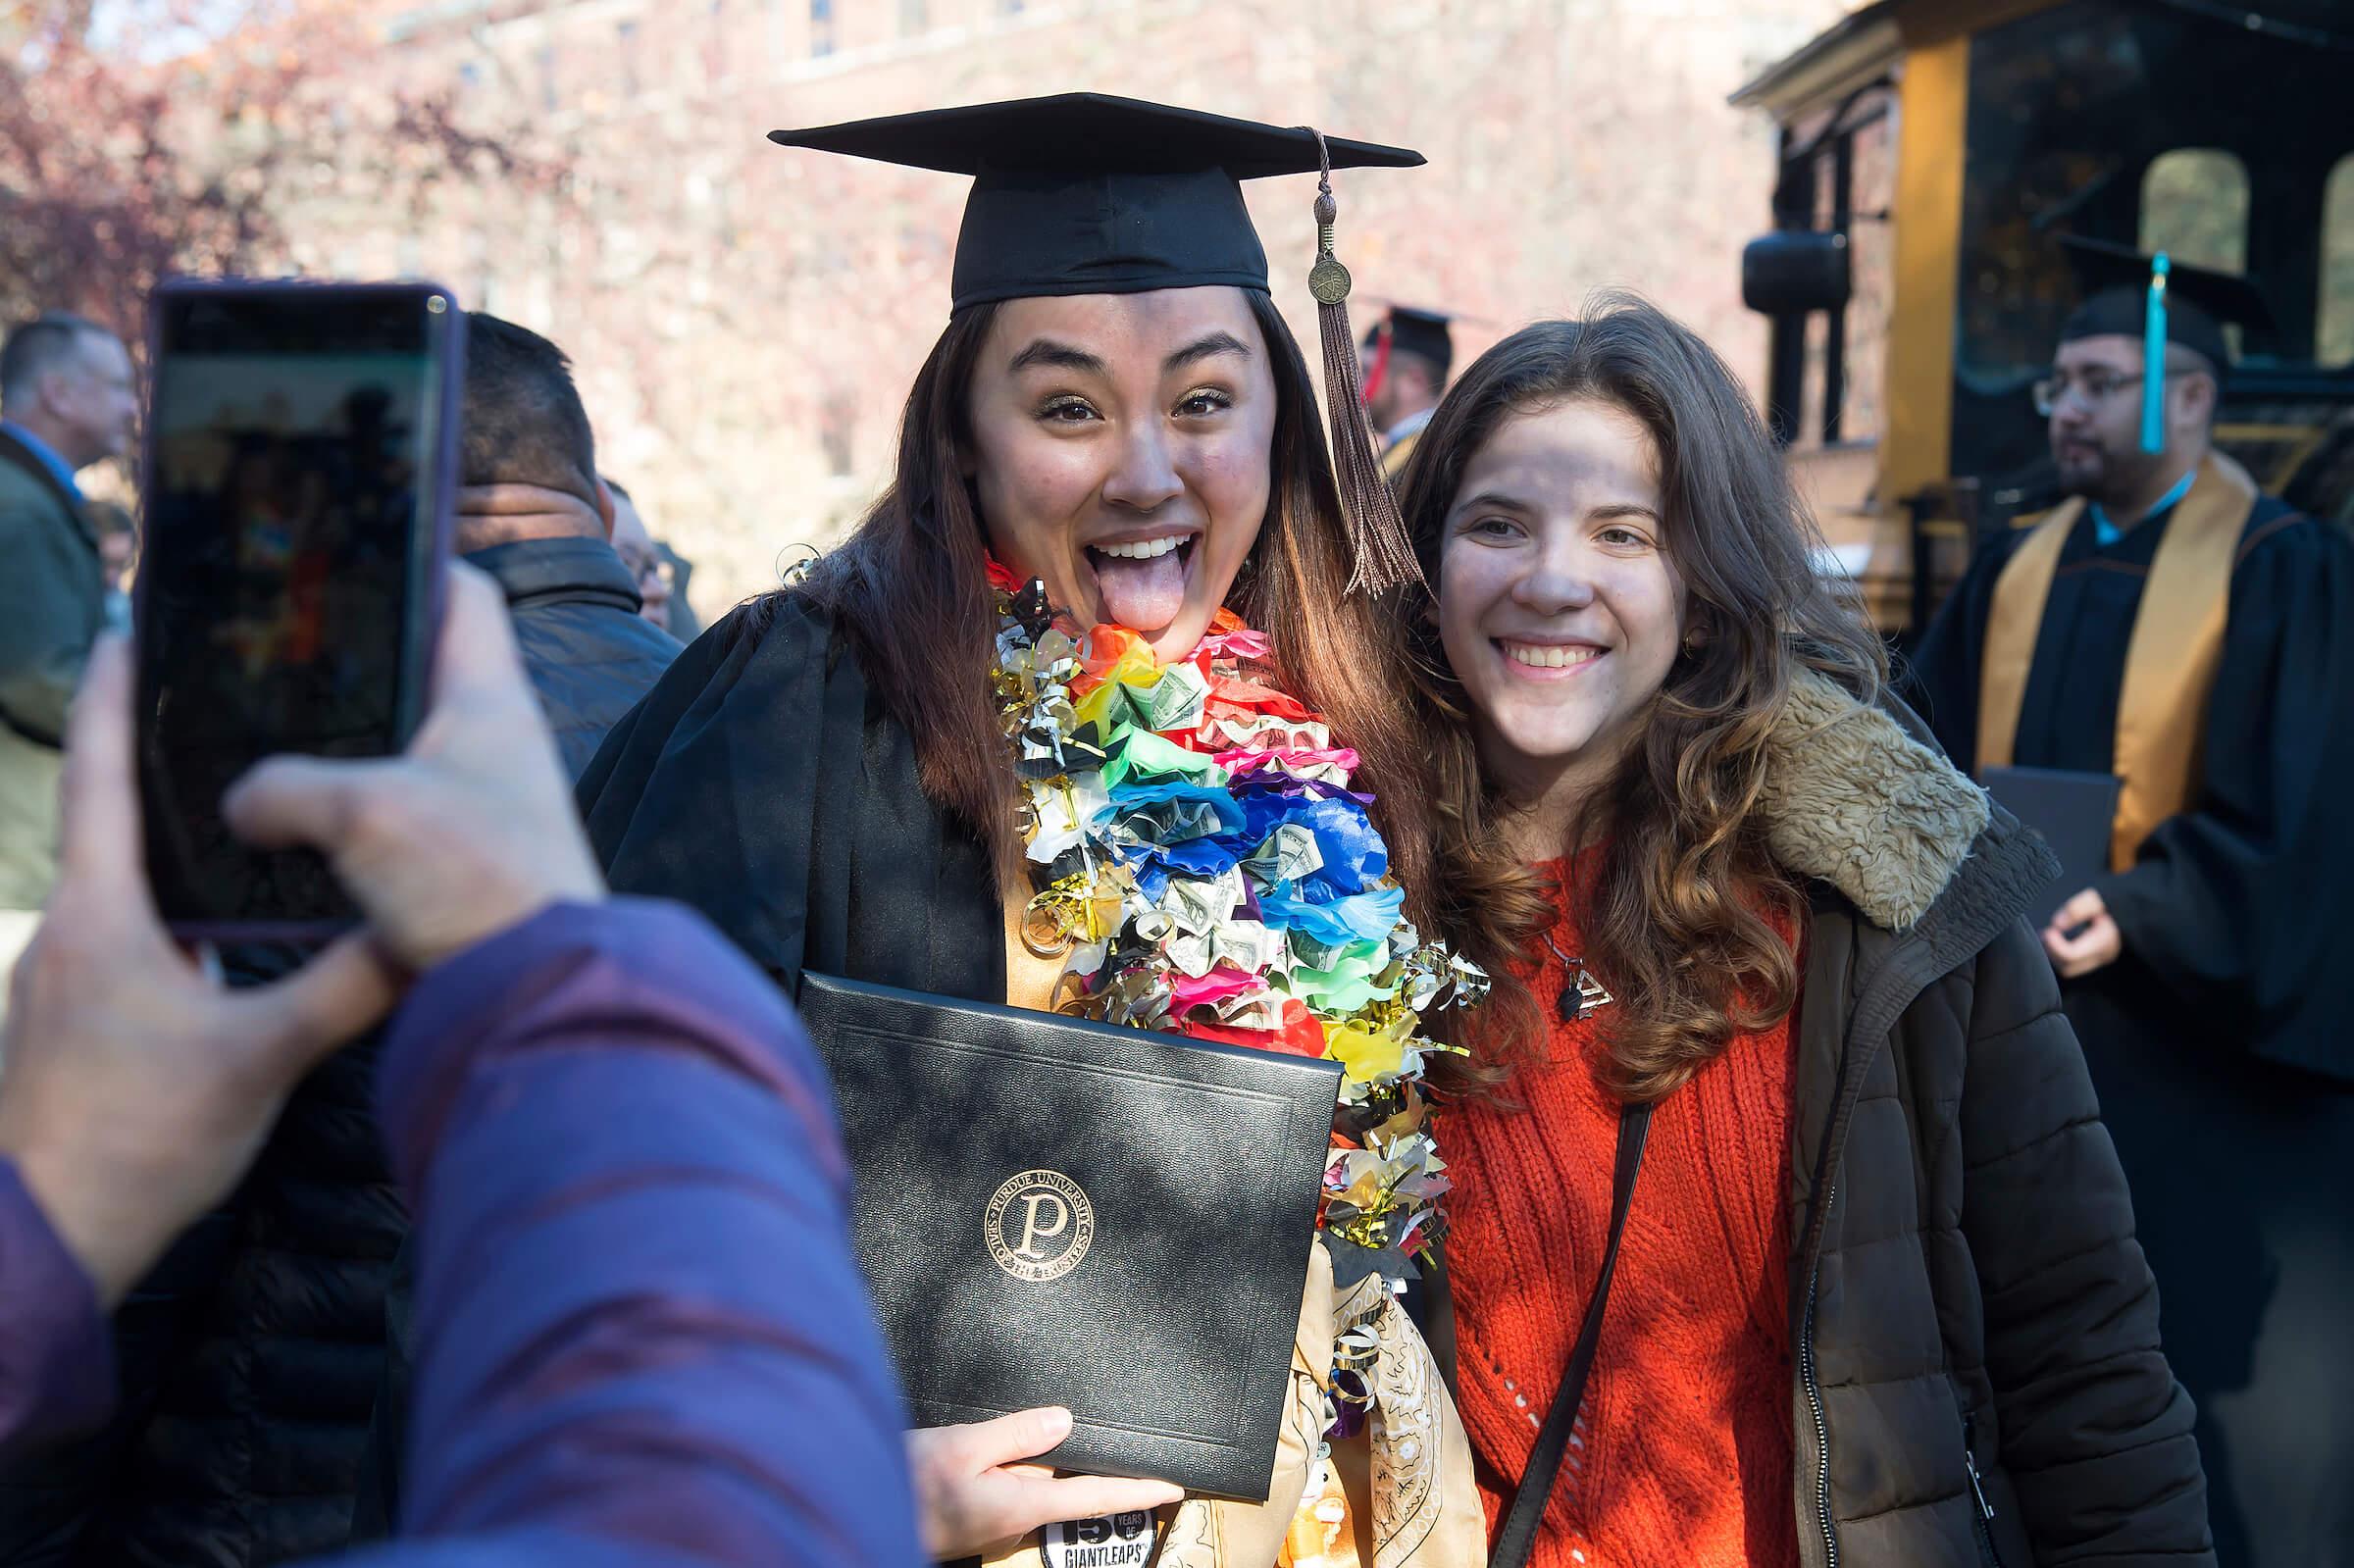 Graduate displays diploma